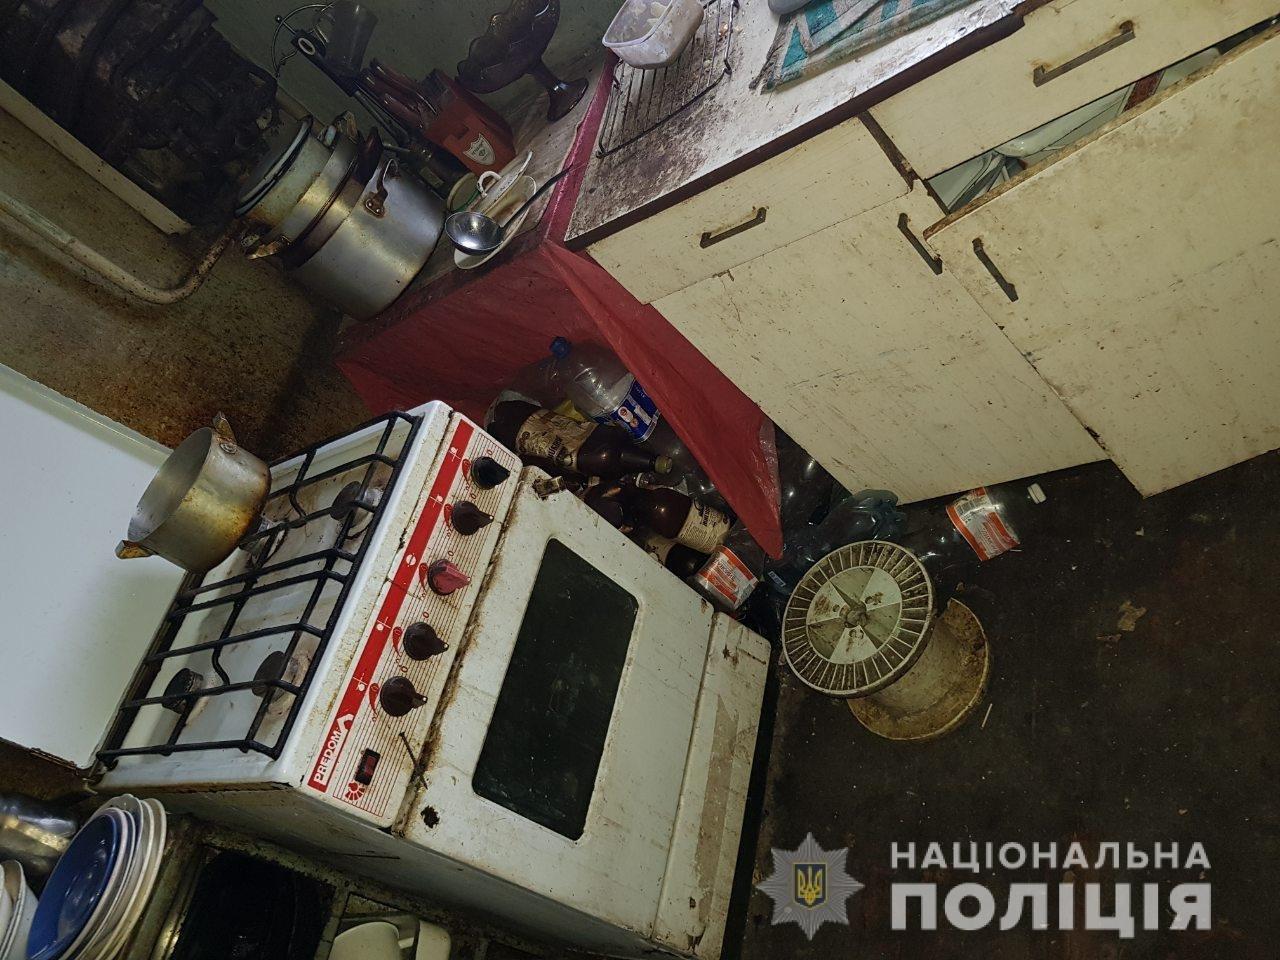 Пьяная харьковчанка пыталась потушить окурок о входную дверь и едва не сожгла годовалого ребенка, - ФОТО, фото-2